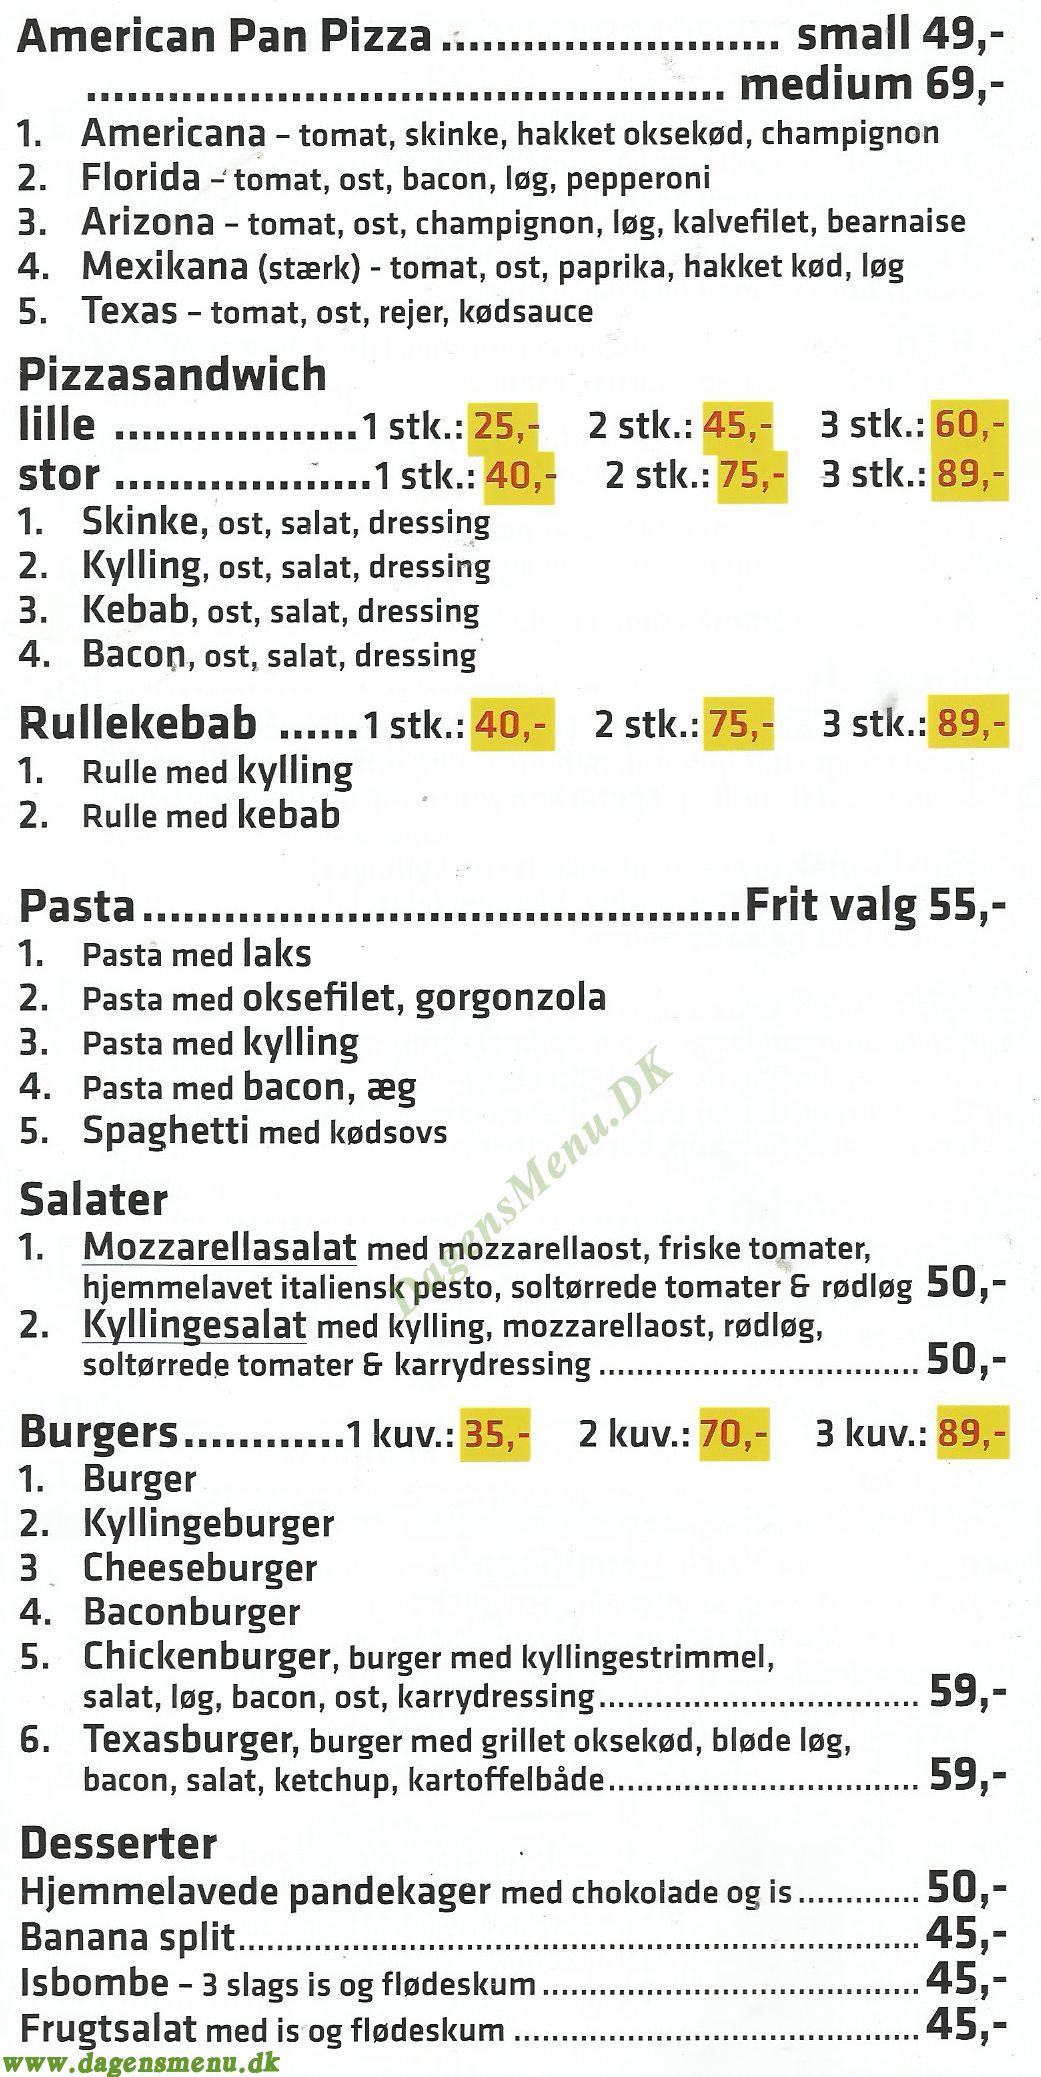 Sarajevo Restaurant - Menukort